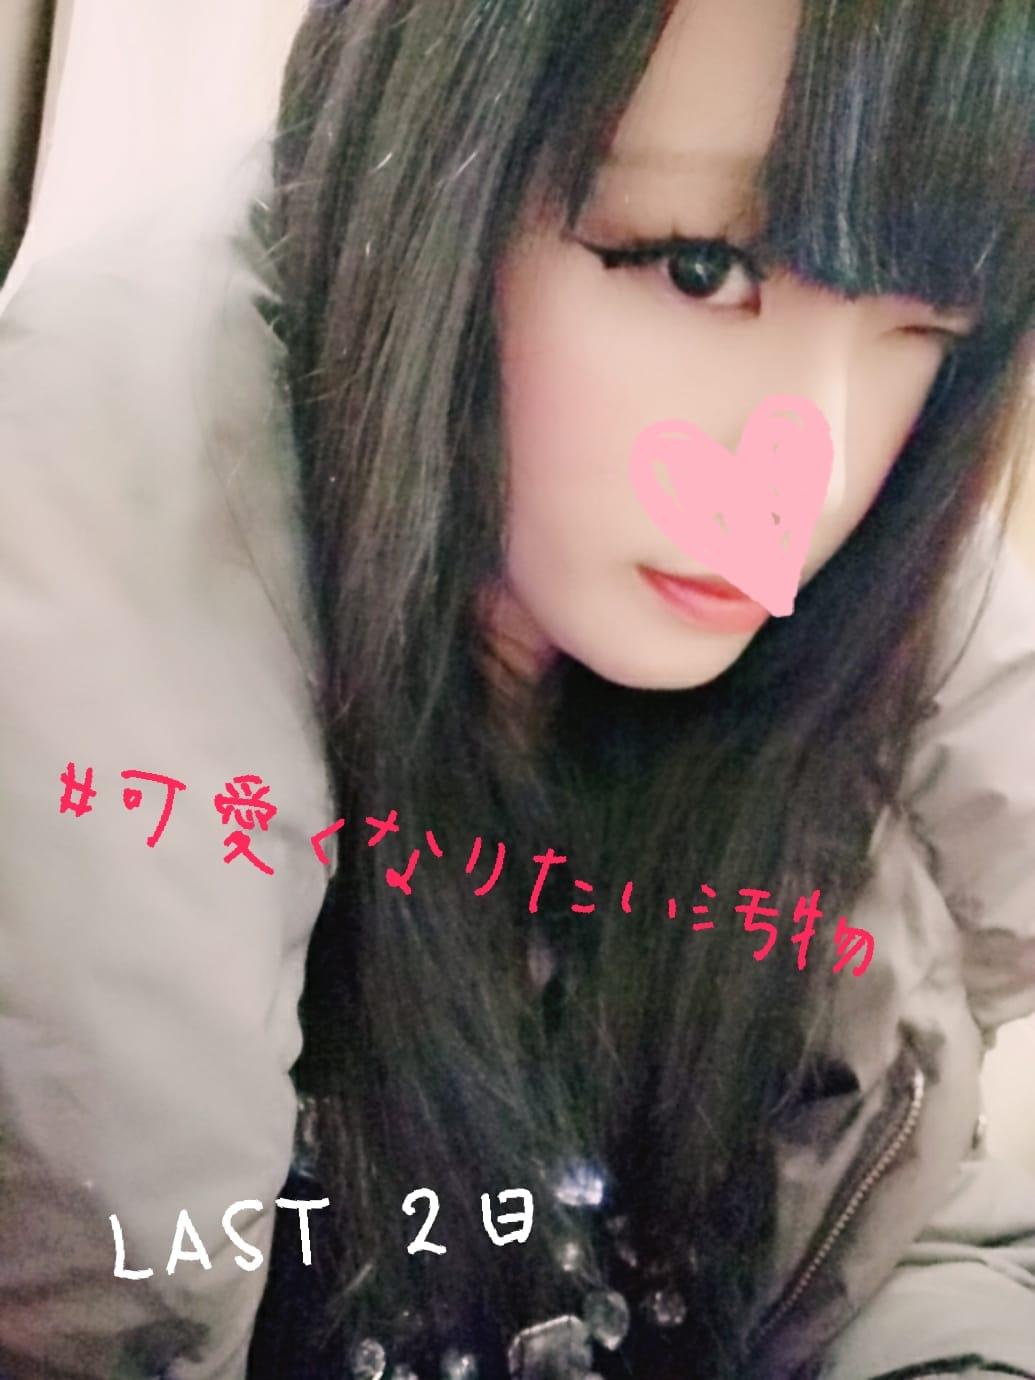 「大塚ヘッドロック」02/17(02/17) 18:49   愛月(あづき)の写メ・風俗動画